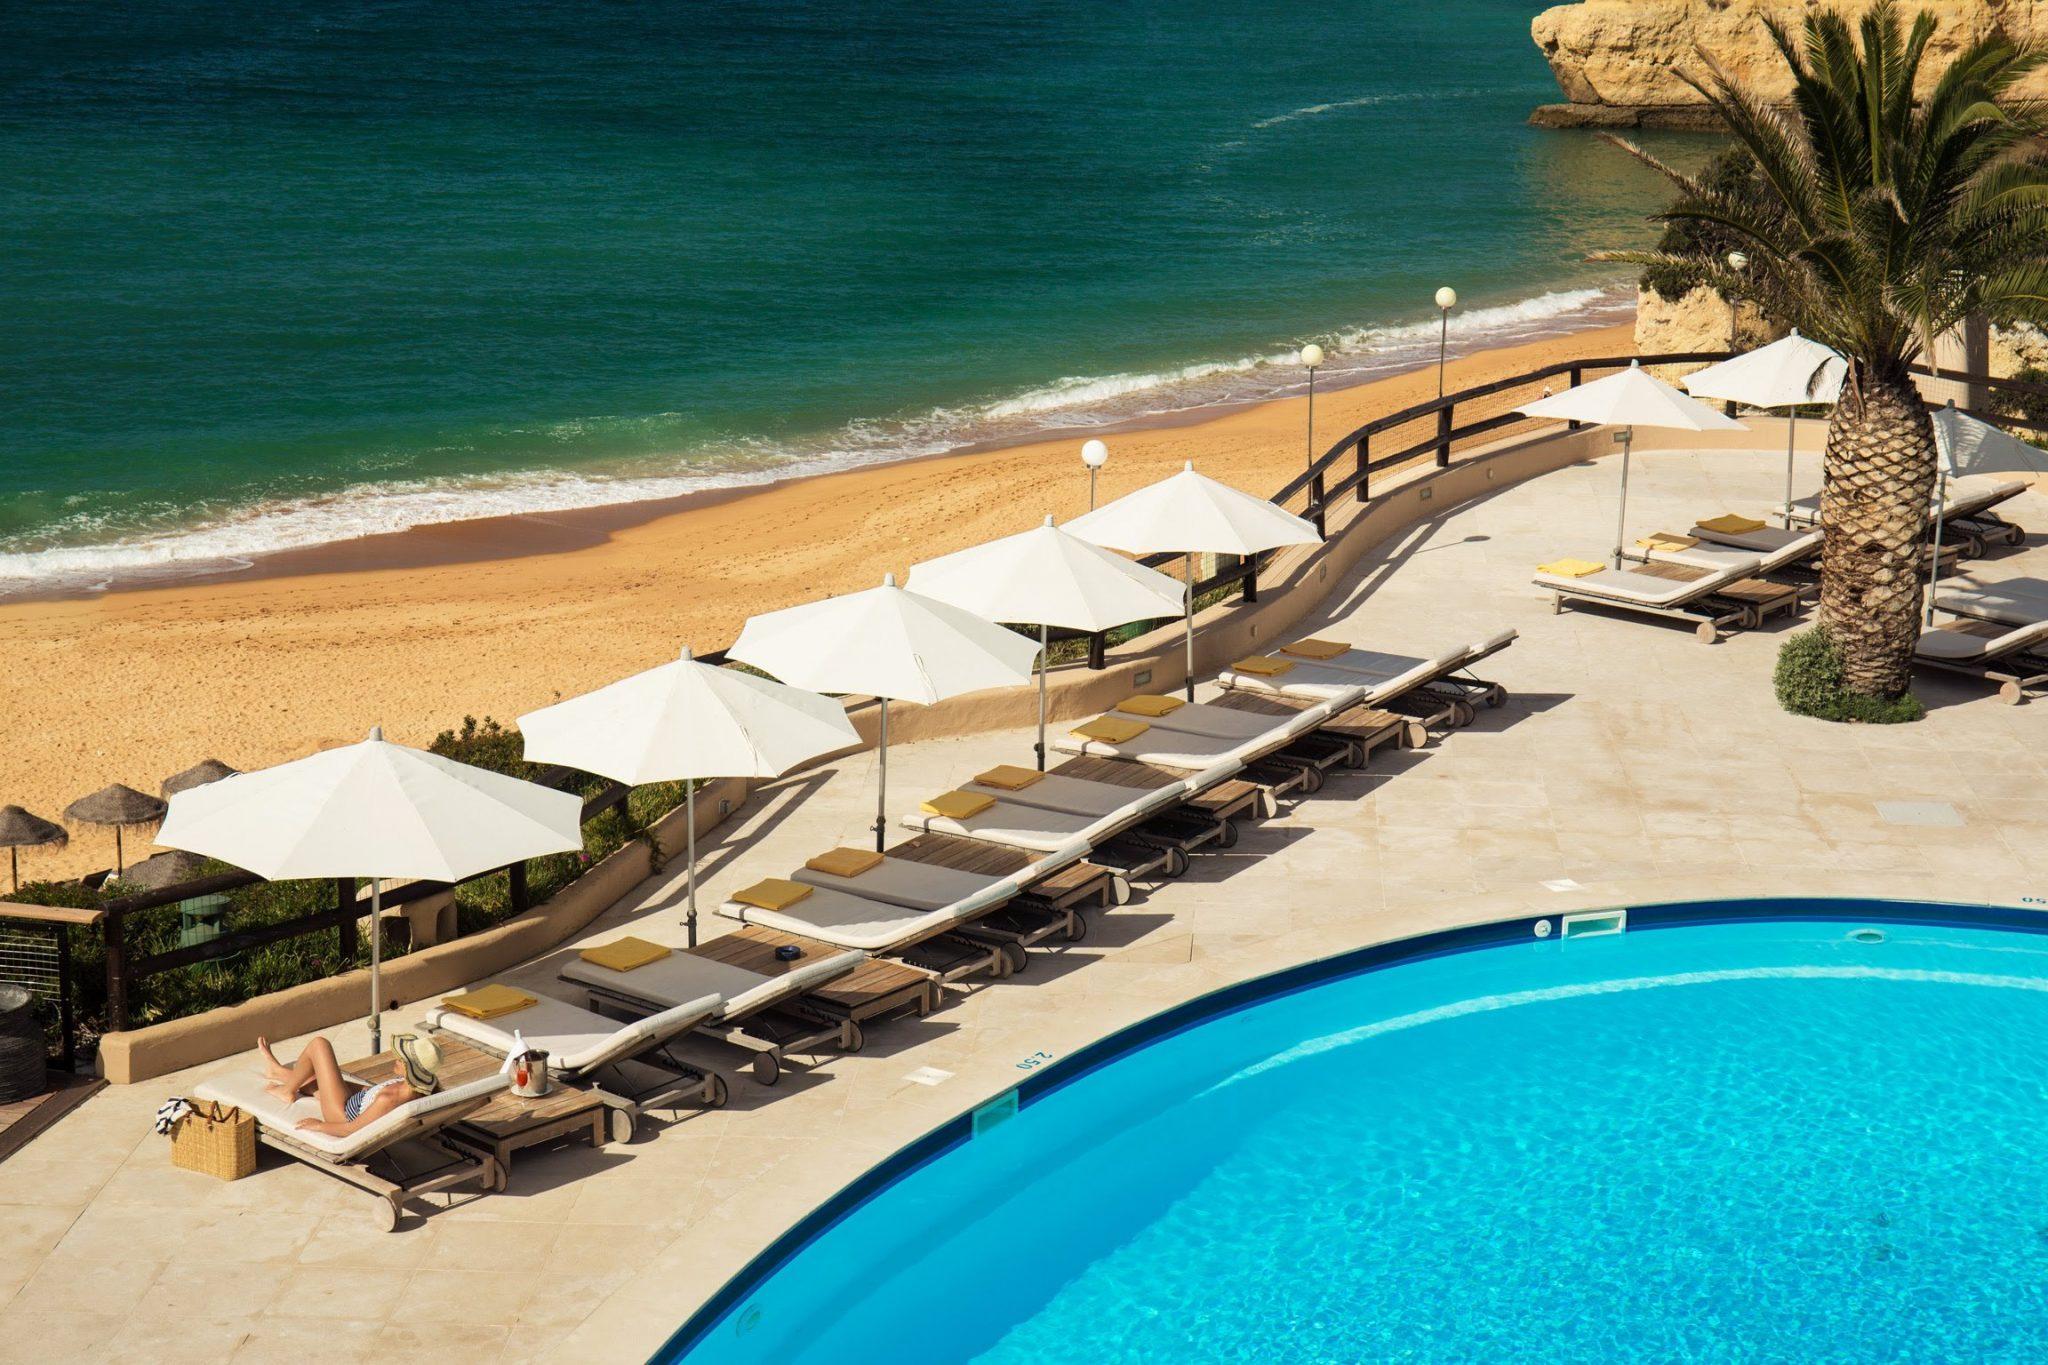 9.Vilalara Thalassa Resort